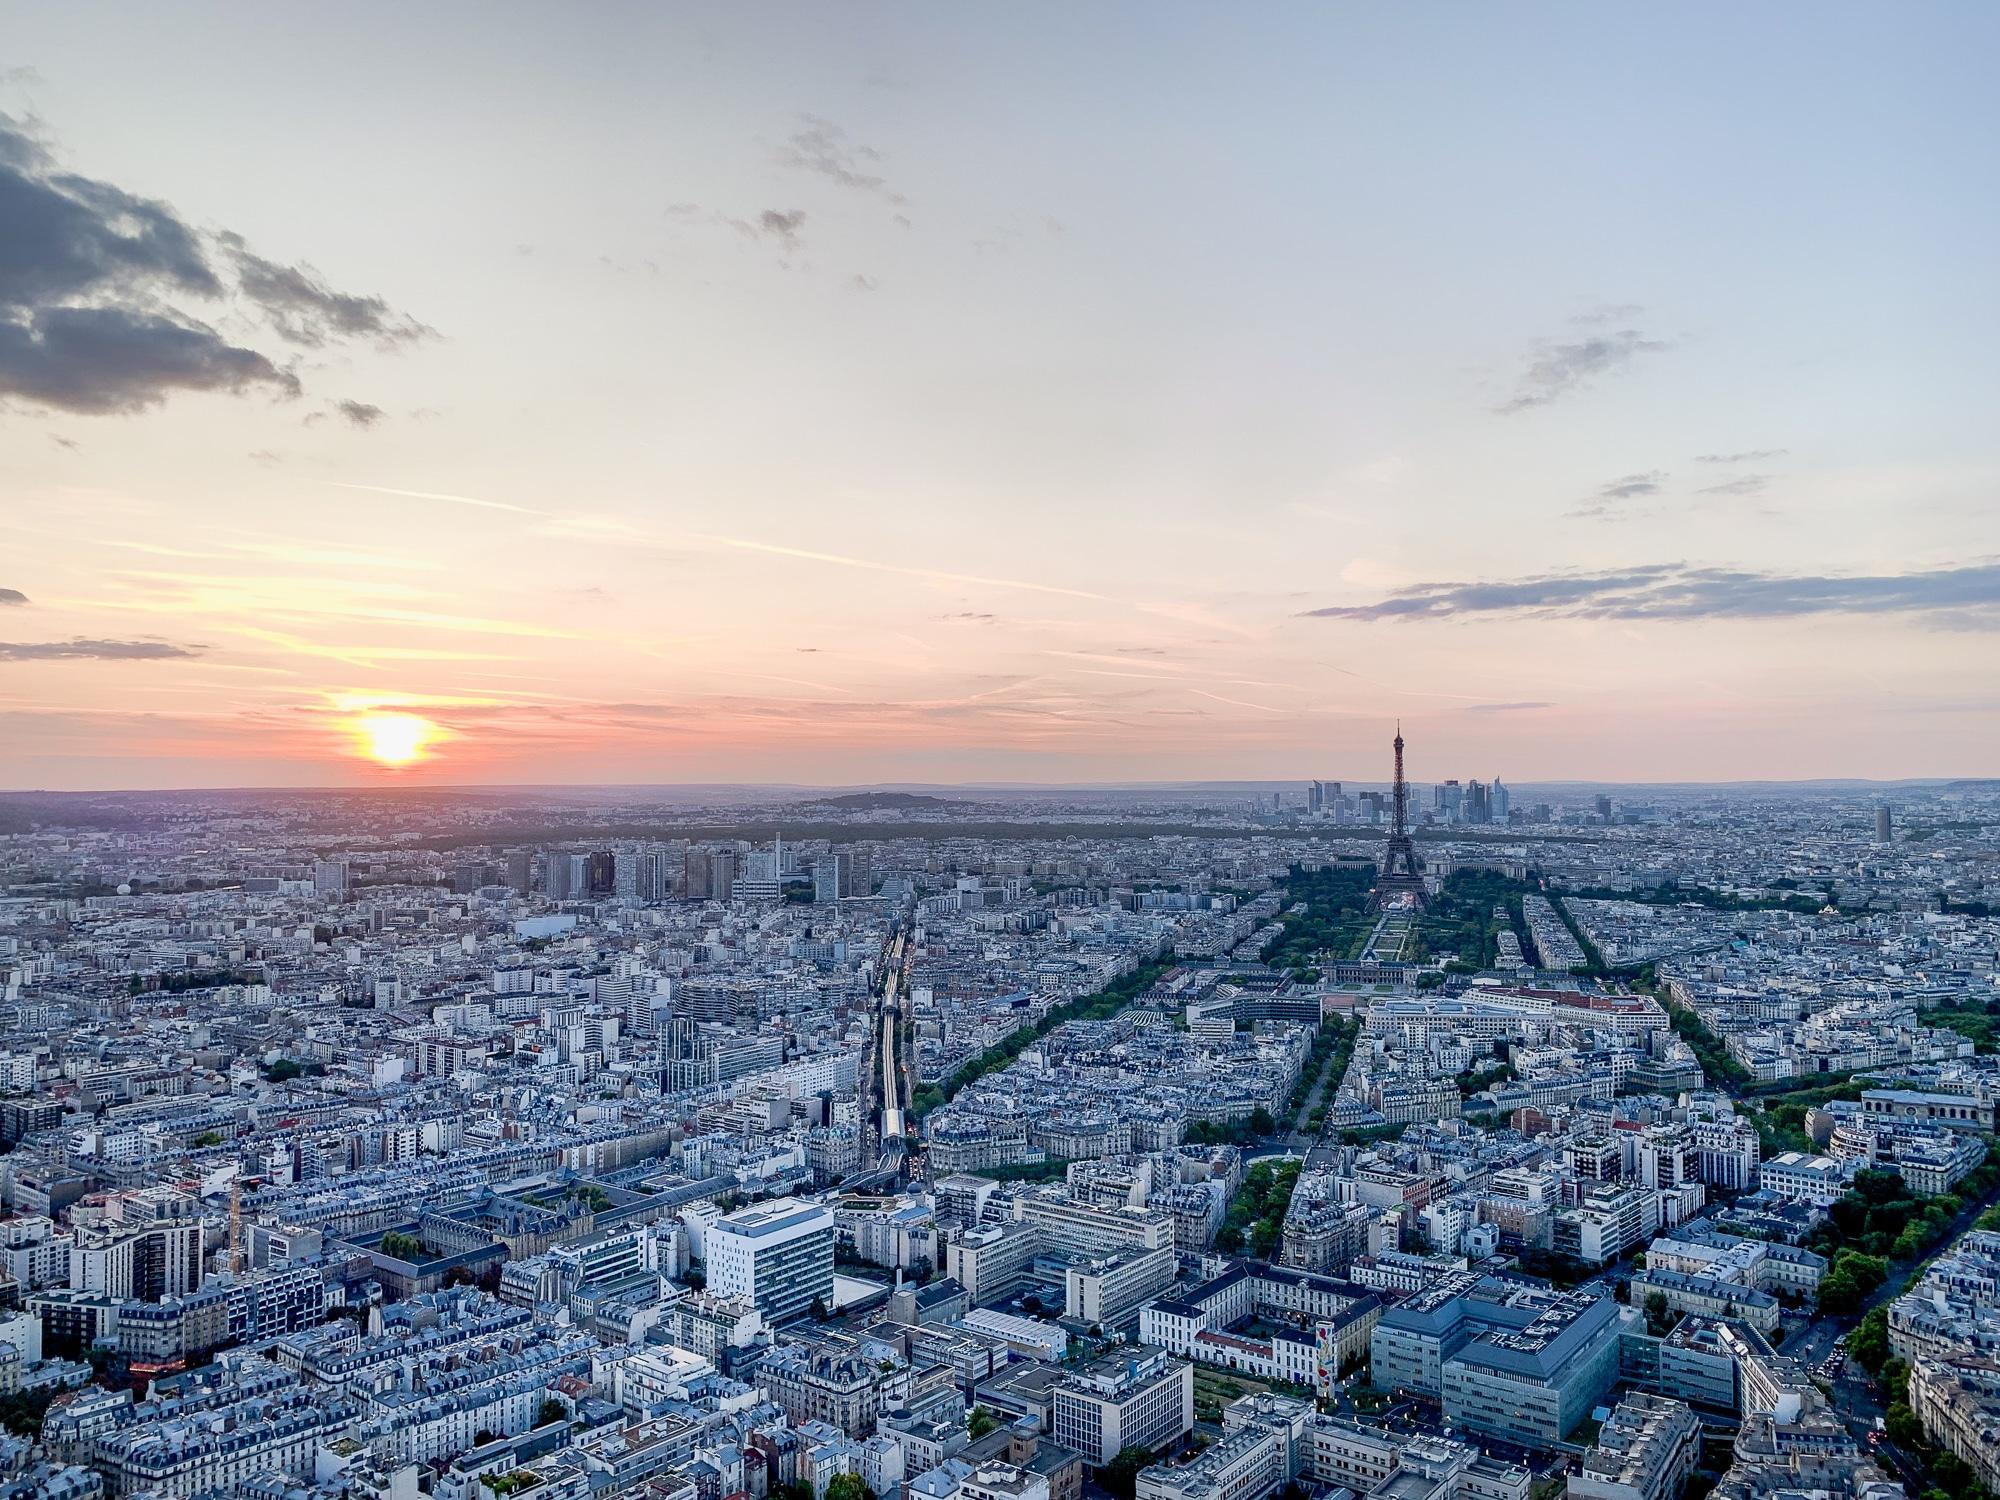 Schönste Fotospots in Paris - und meine liebsten Instagram Hotspots - Montparnasse Tower Aussicht beim Sonnenuntergang